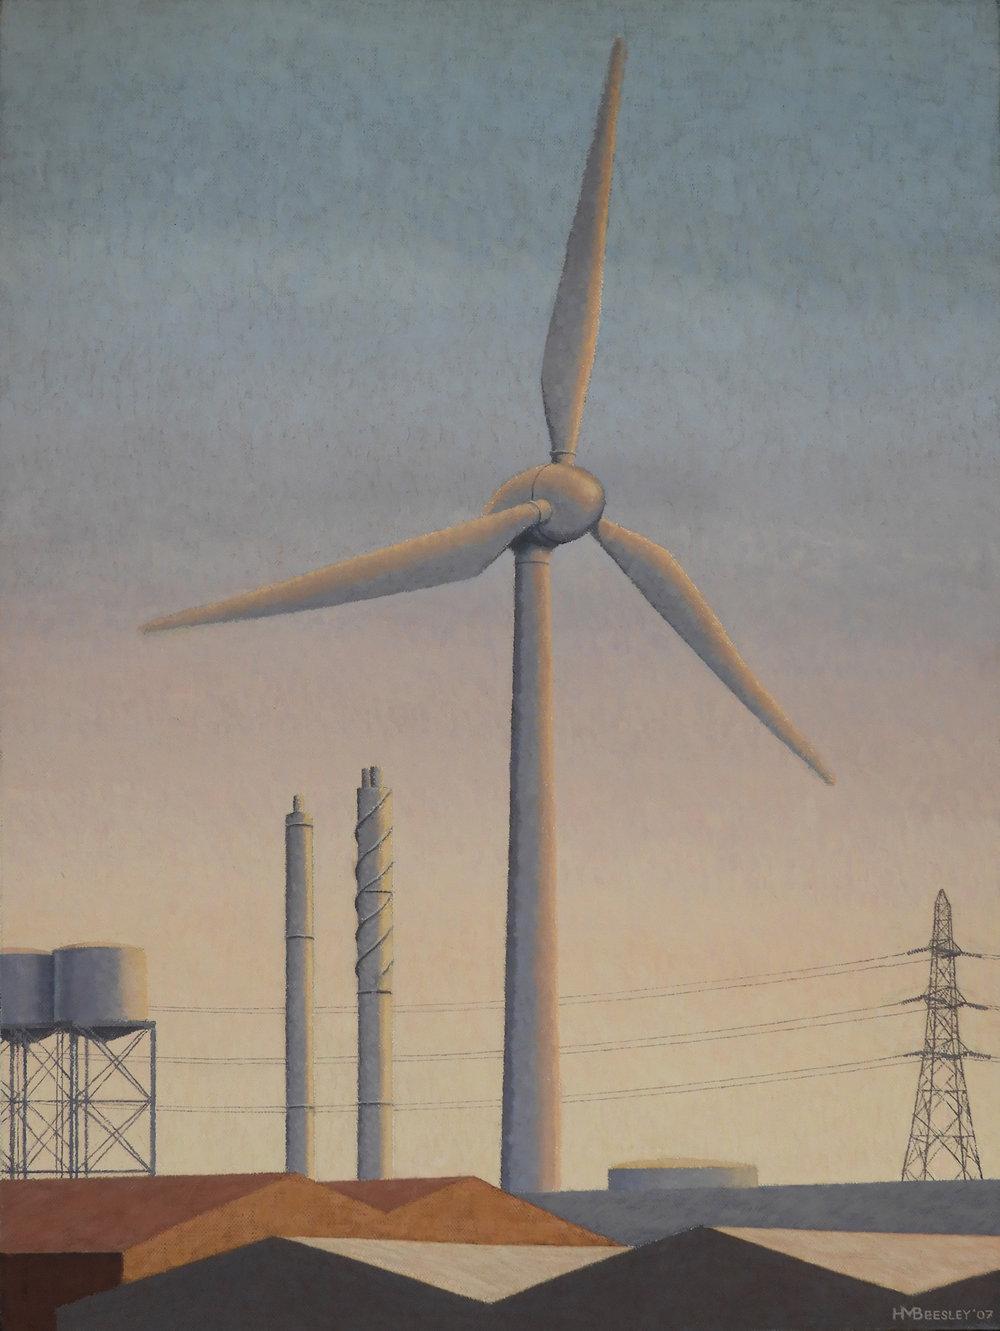 Wind Turbine 26